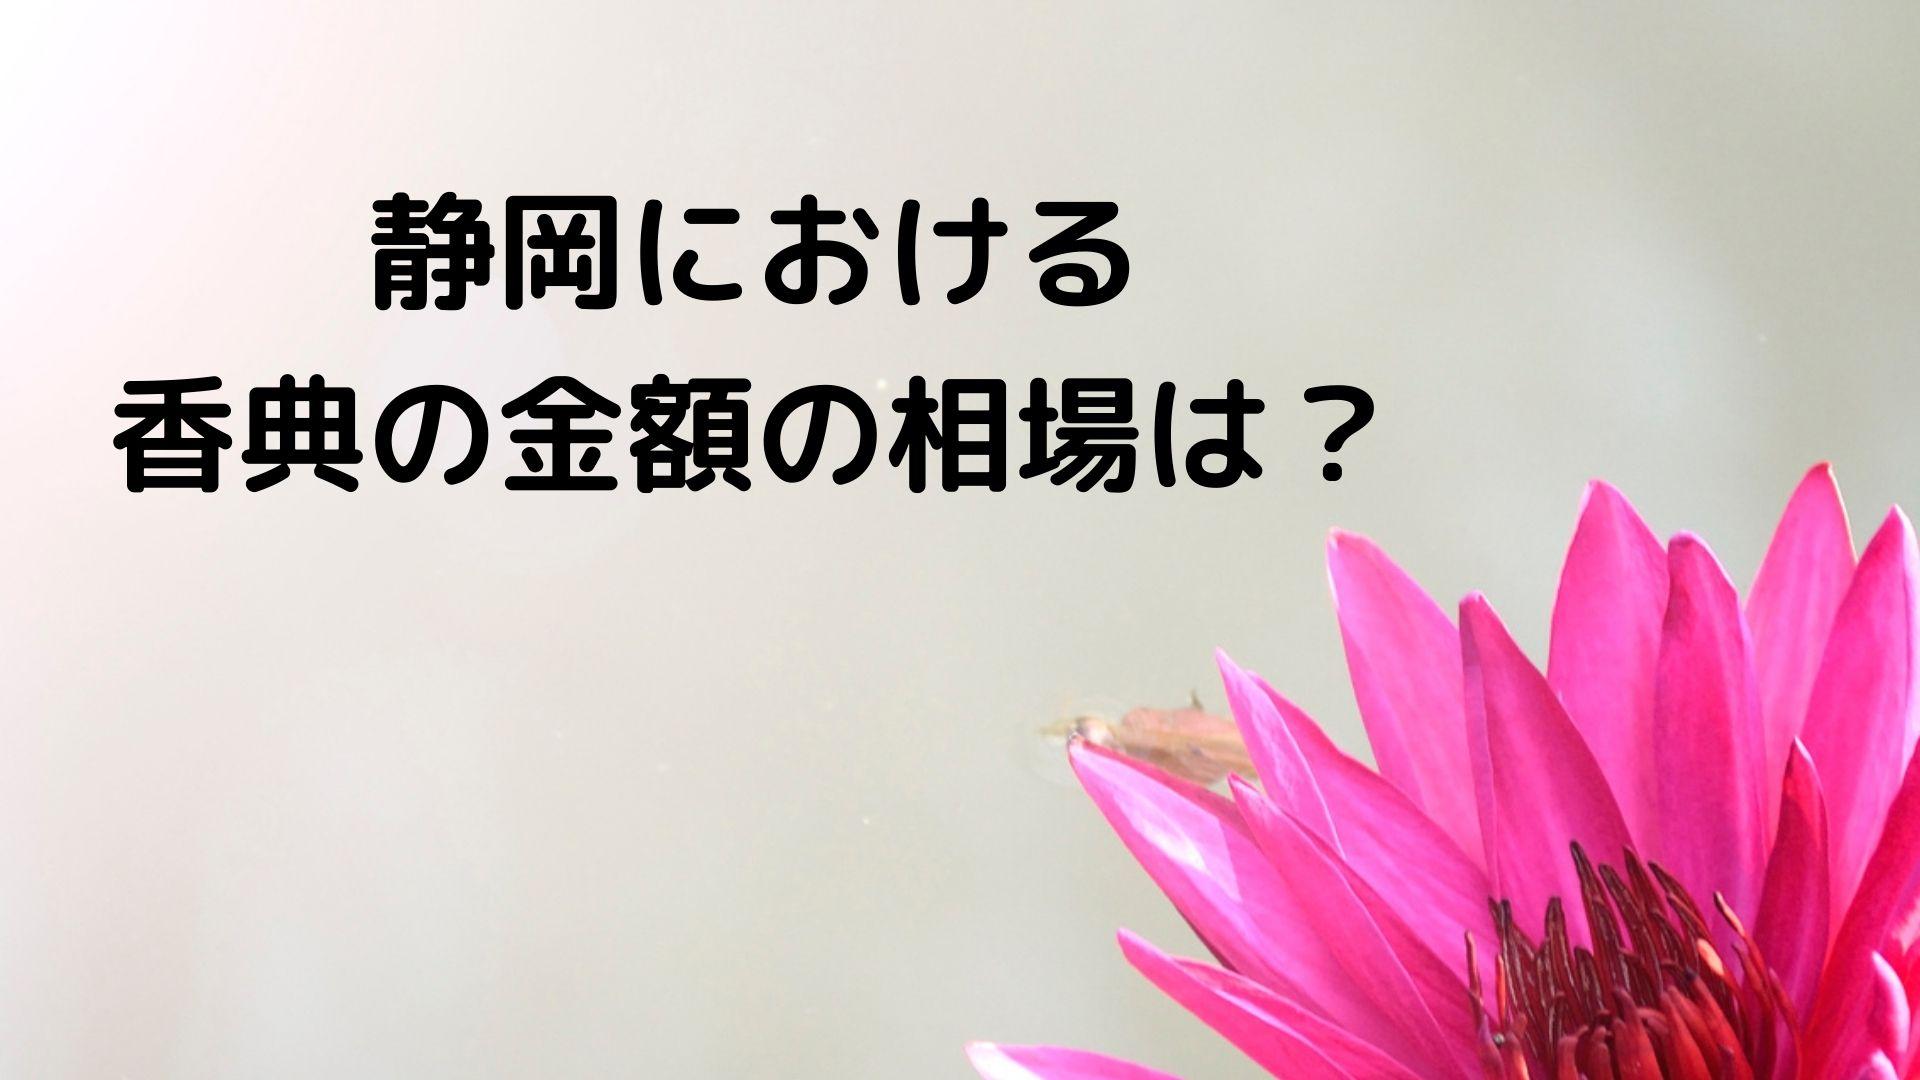 静岡における香典の金額の相場は?